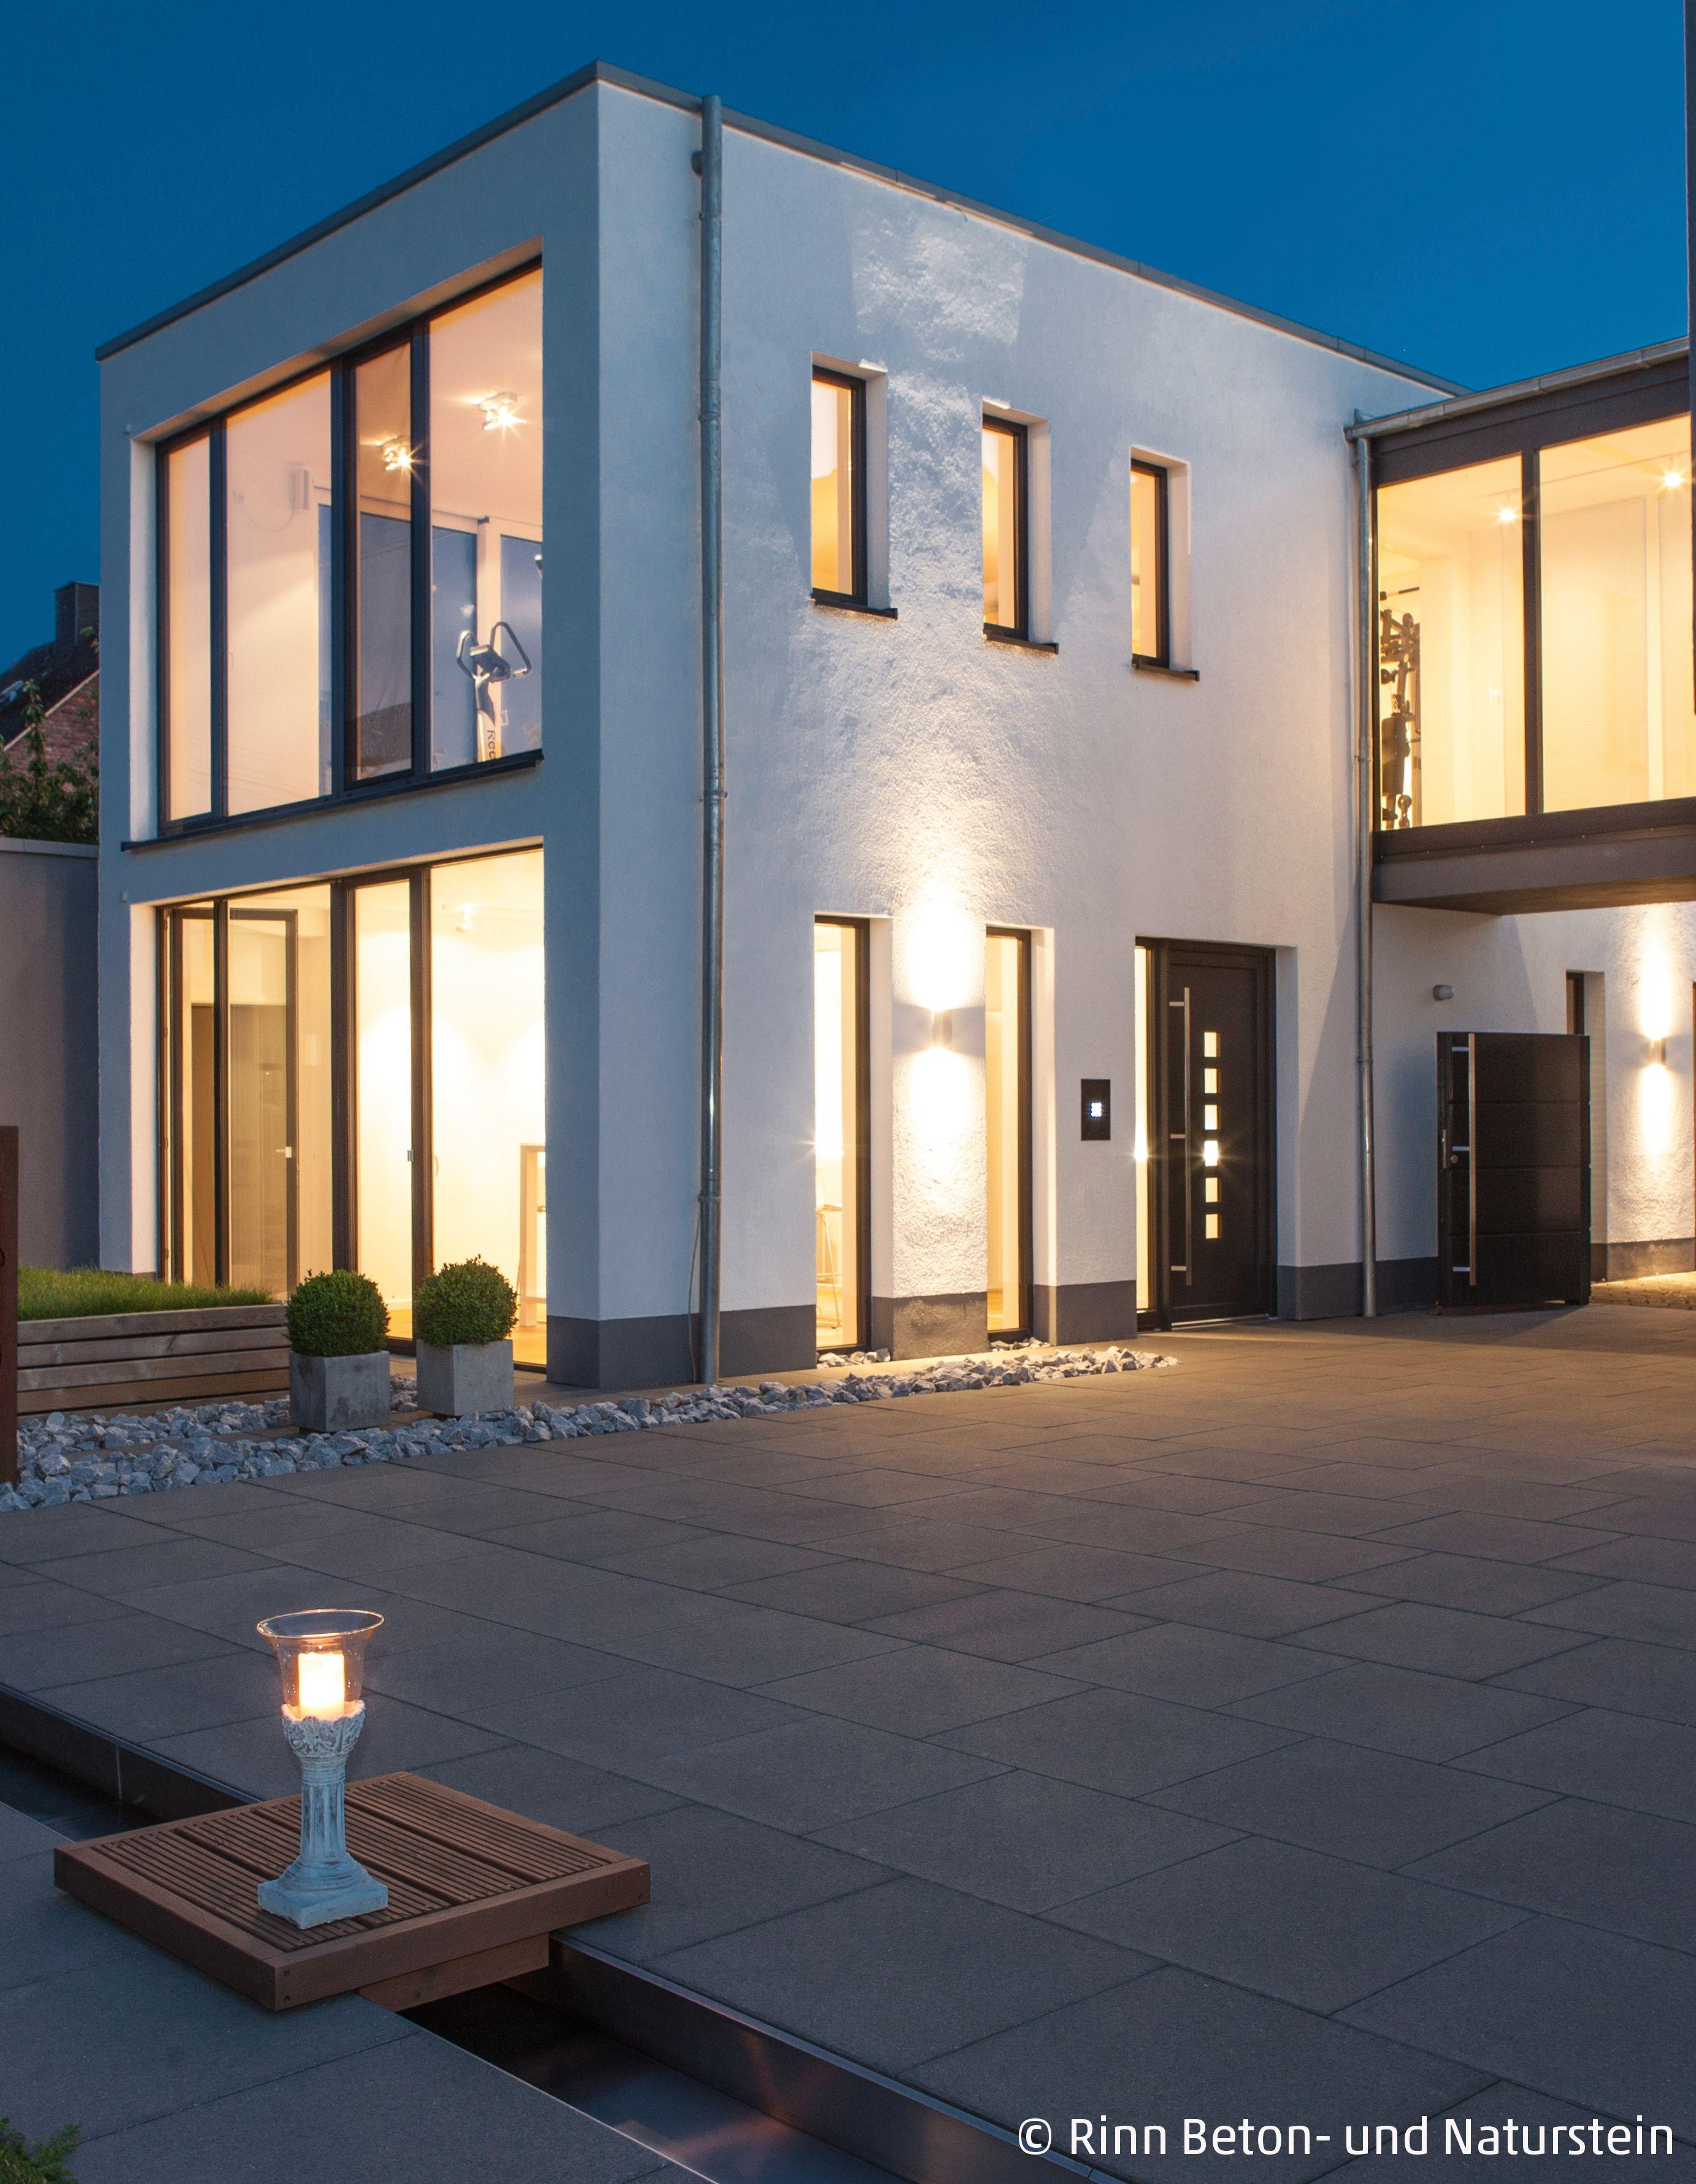 Architektonisches Haus Trifft Moderne Grossformatige Platten In Dunklem Grau Im Eingangsbereich Design